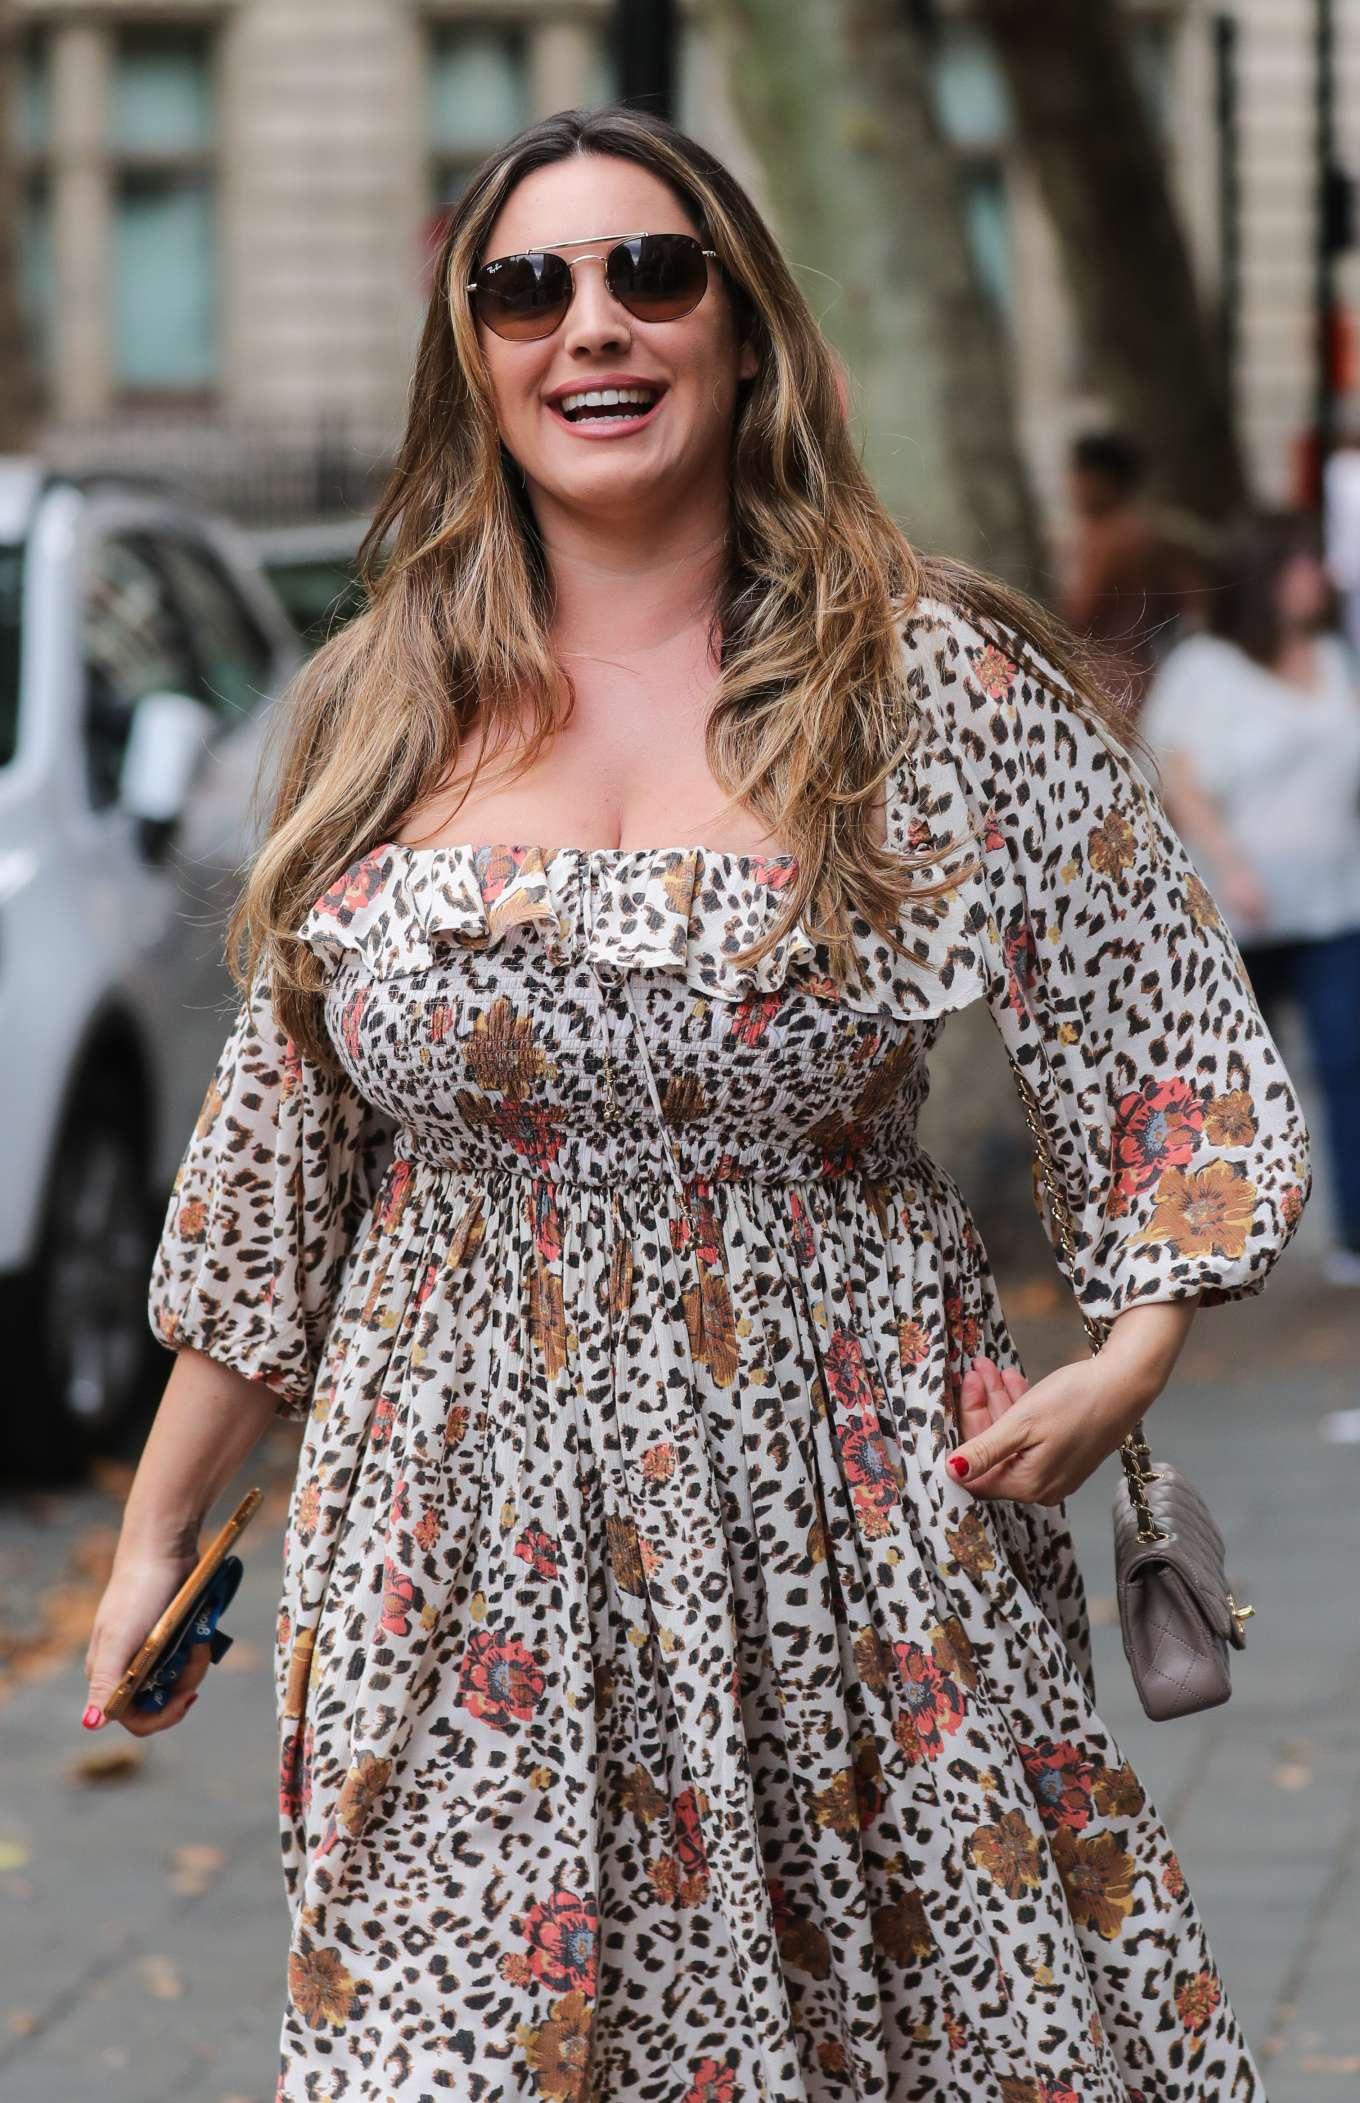 Kelly Brook - Wearing a flower print dress in London